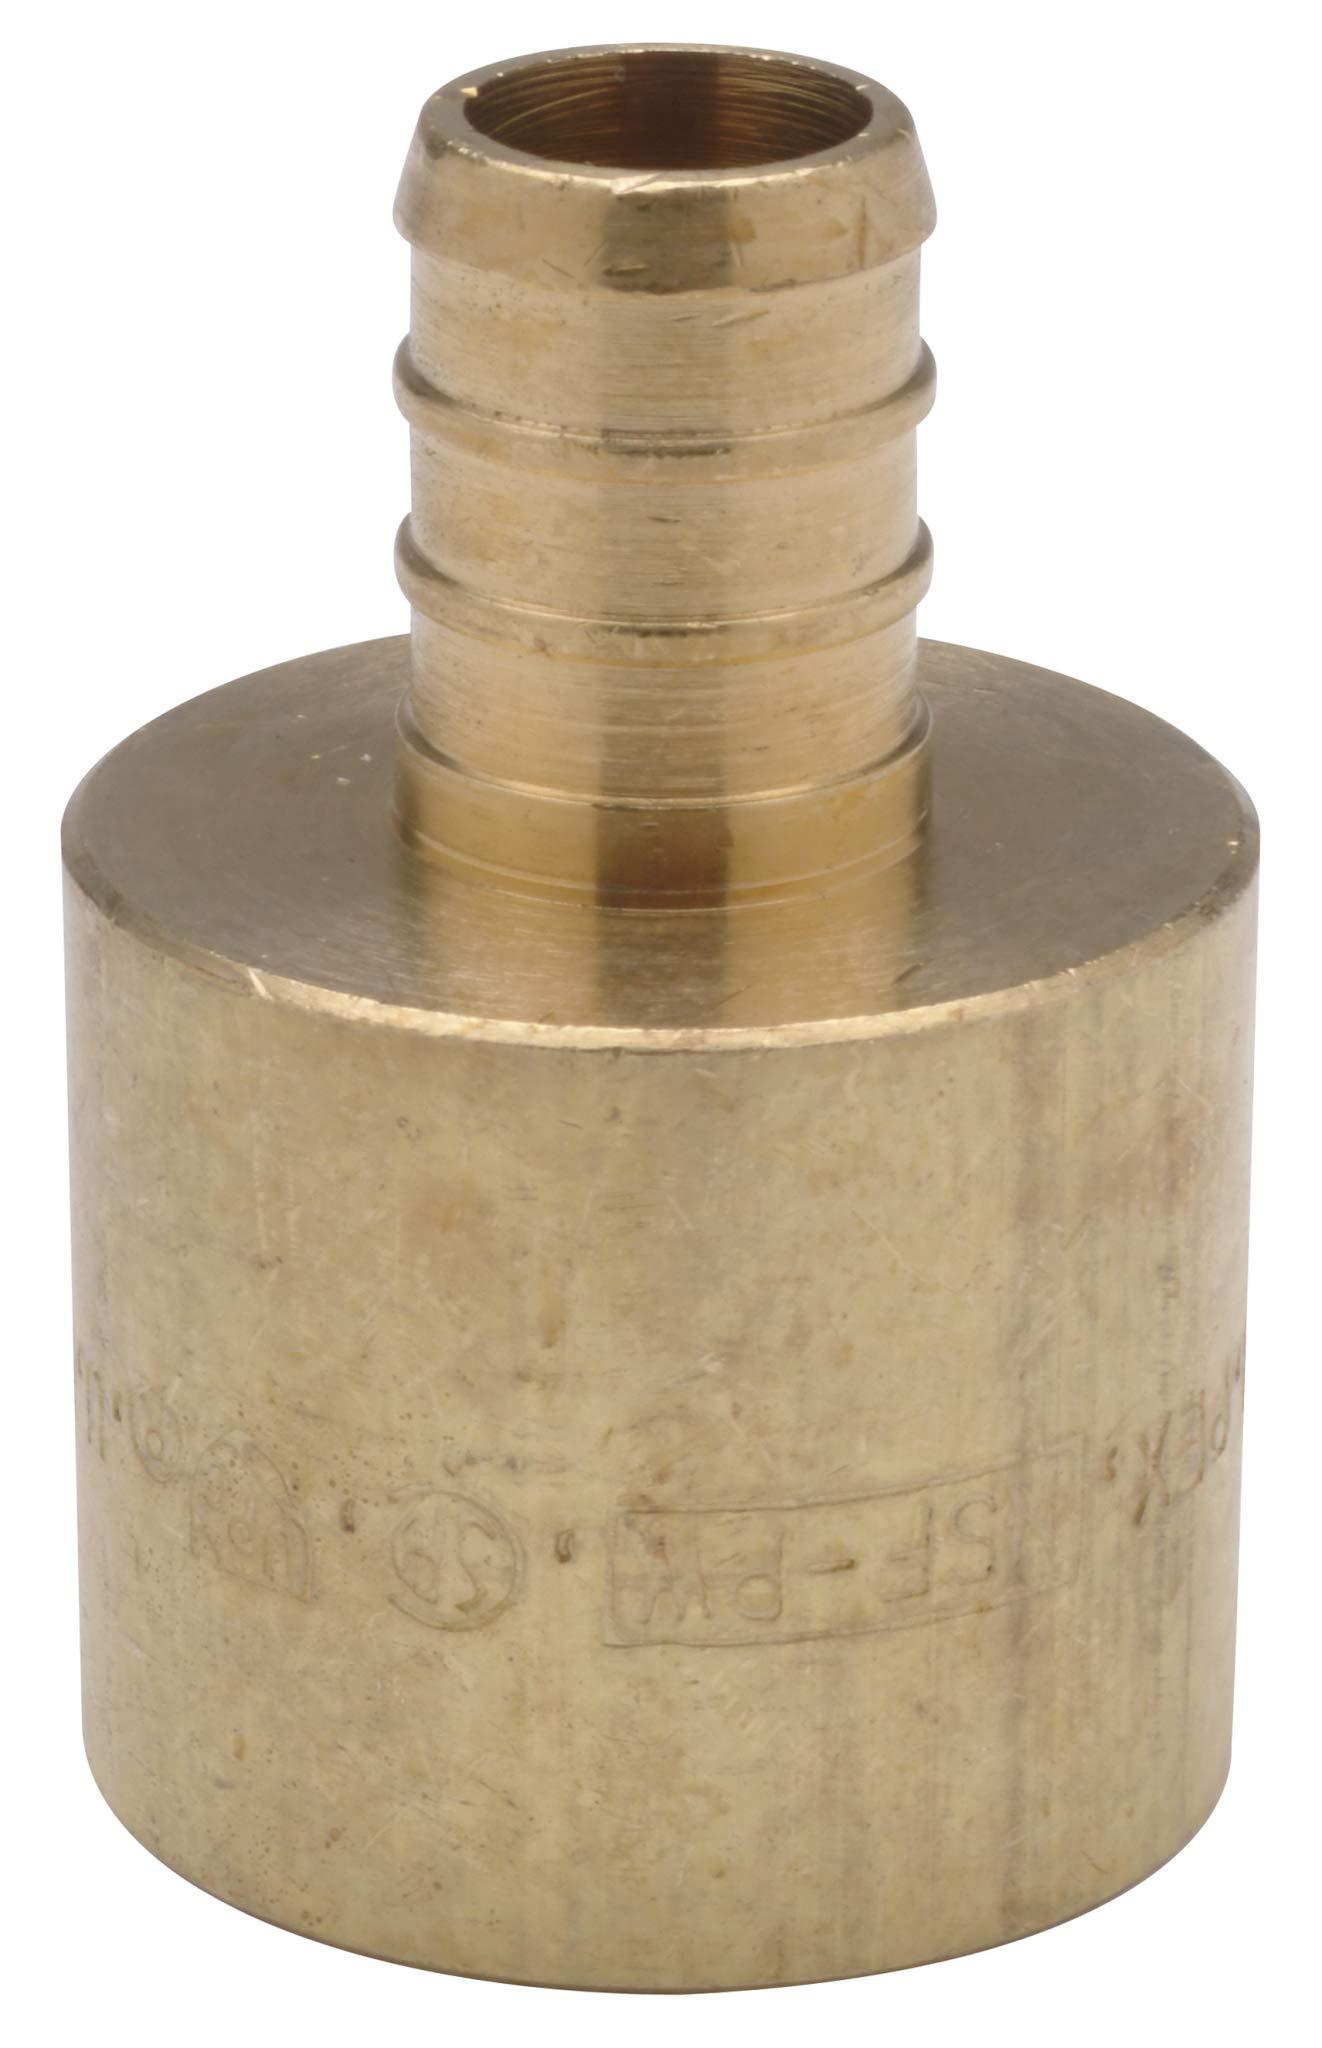 """Zurn QQ770CX Crimp Female Sweat Adapter, Small Diameter, 3/4"""" Female Sweat x 1/2"""" Barb, Copper (Pack of 25)"""